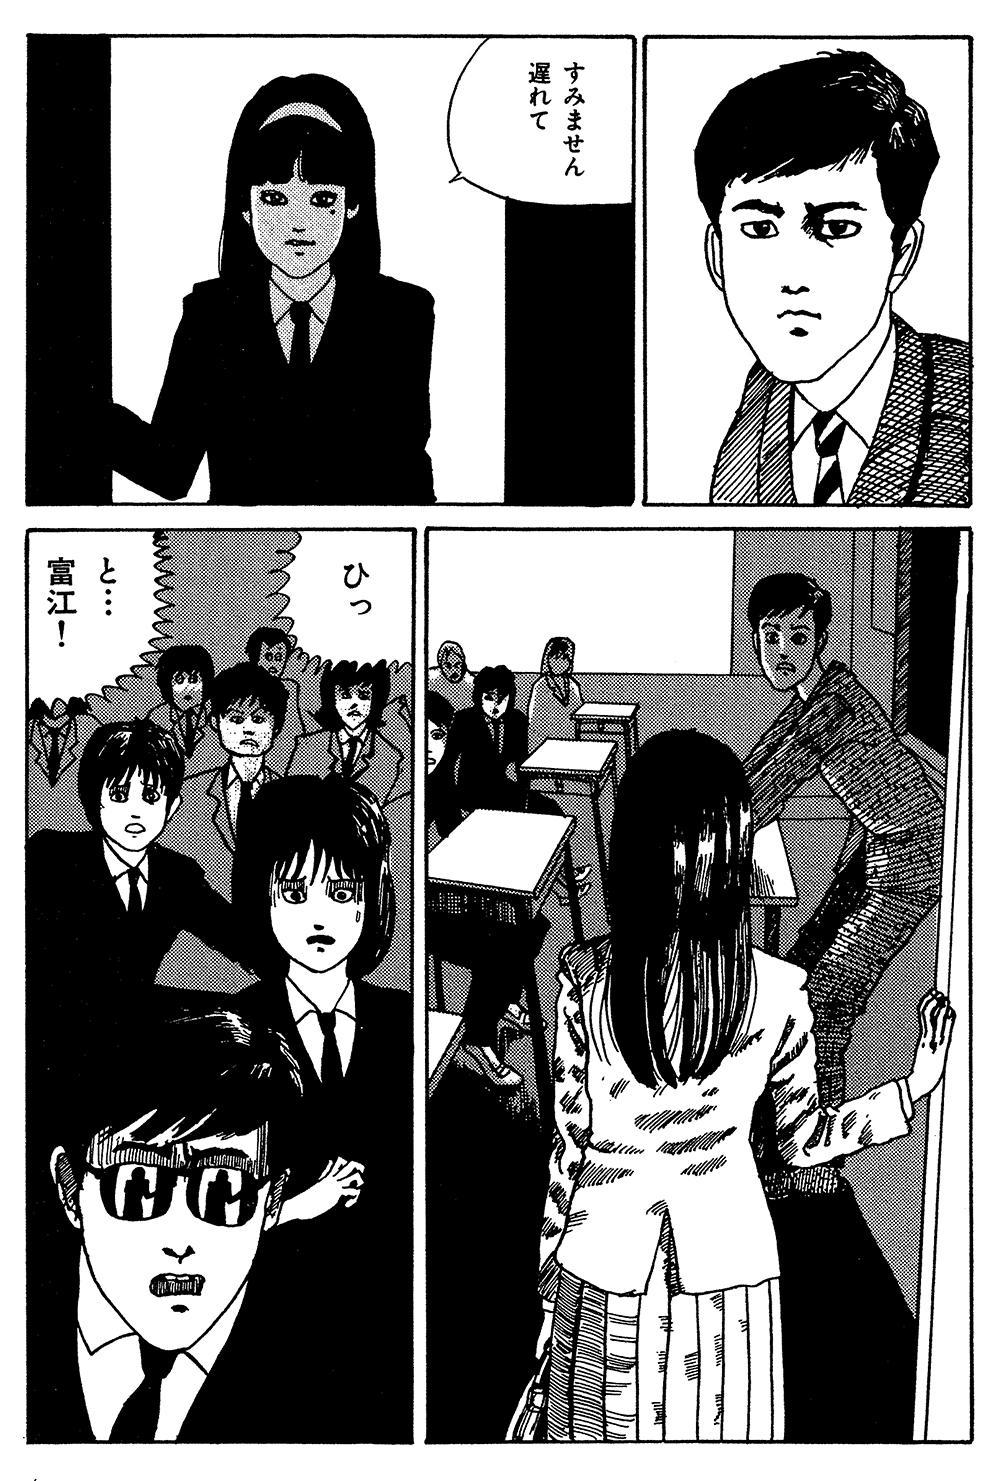 伊藤潤二傑作集 第1話「富江」①tomie1-1-5.jpg